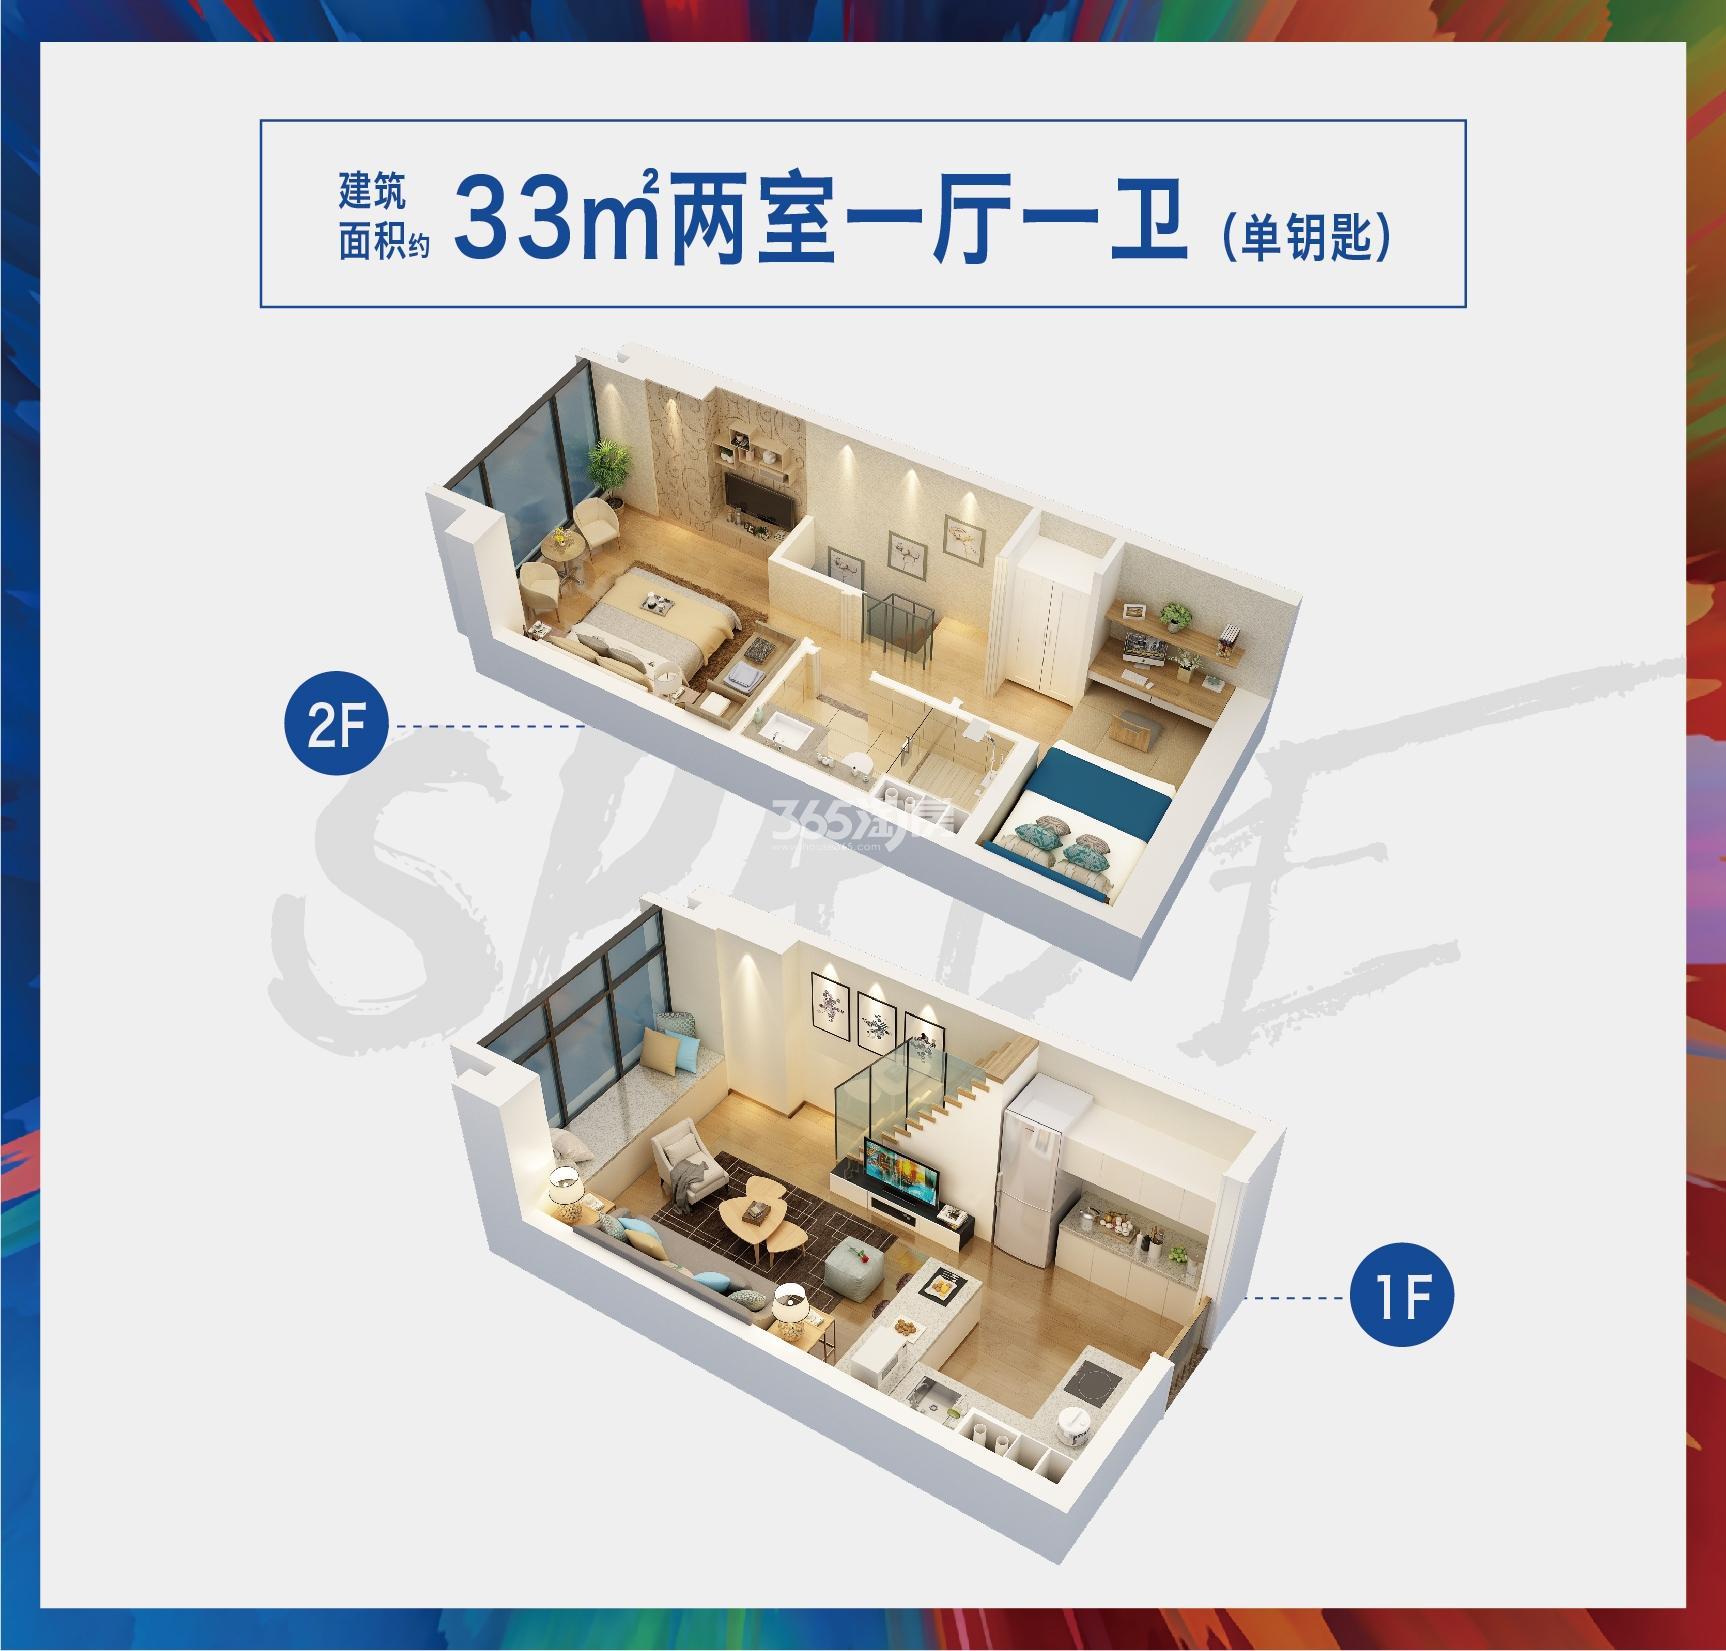 银城蔚来33平单钥匙公寓户型图